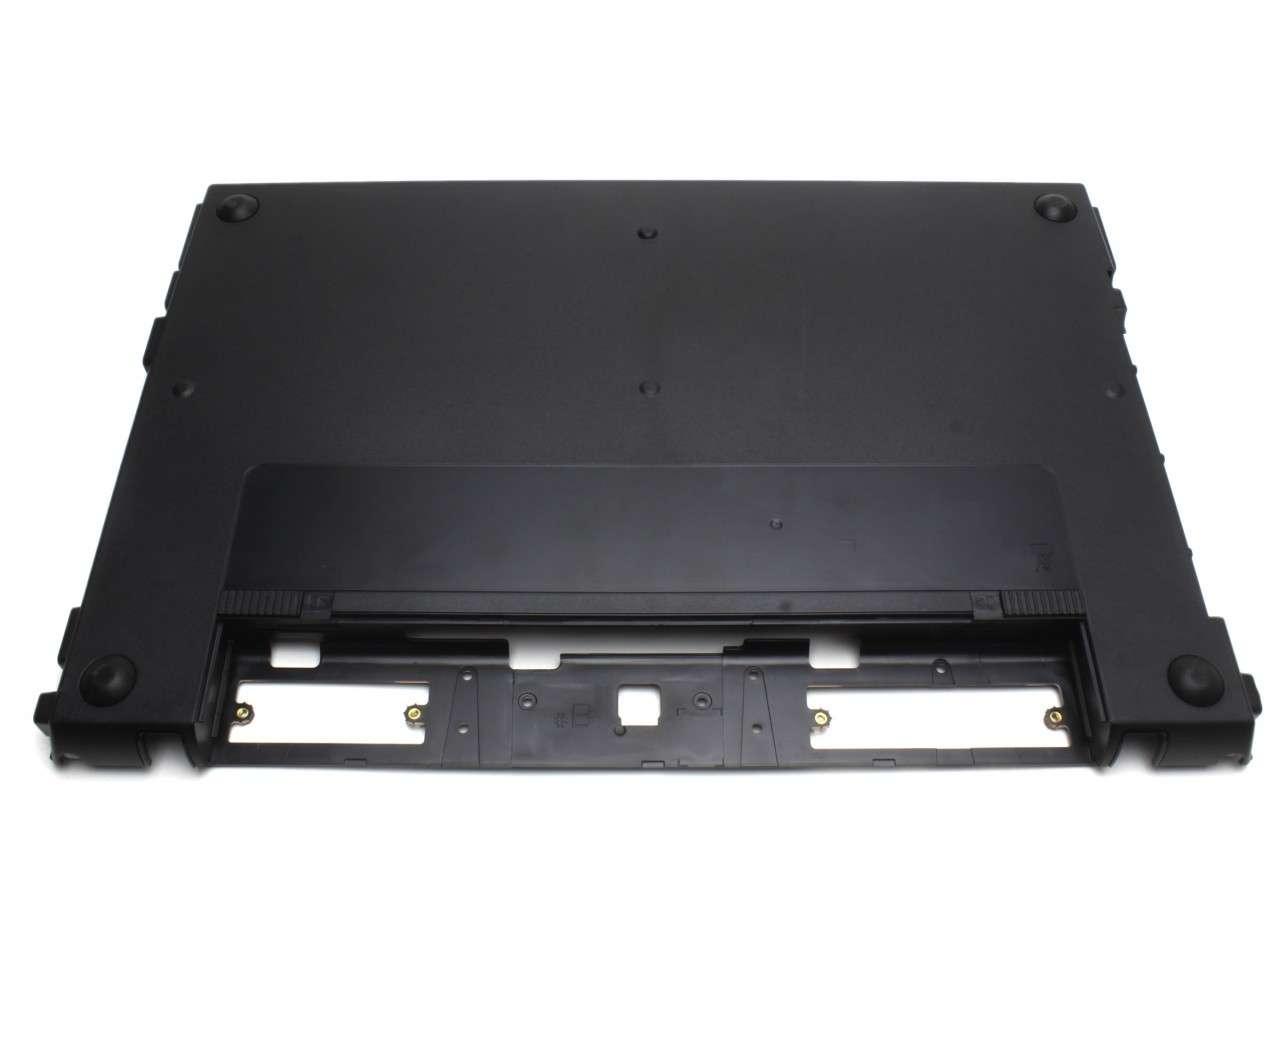 Bottom Case HP 535864 001 Carcasa Inferioara Neagra imagine powerlaptop.ro 2021